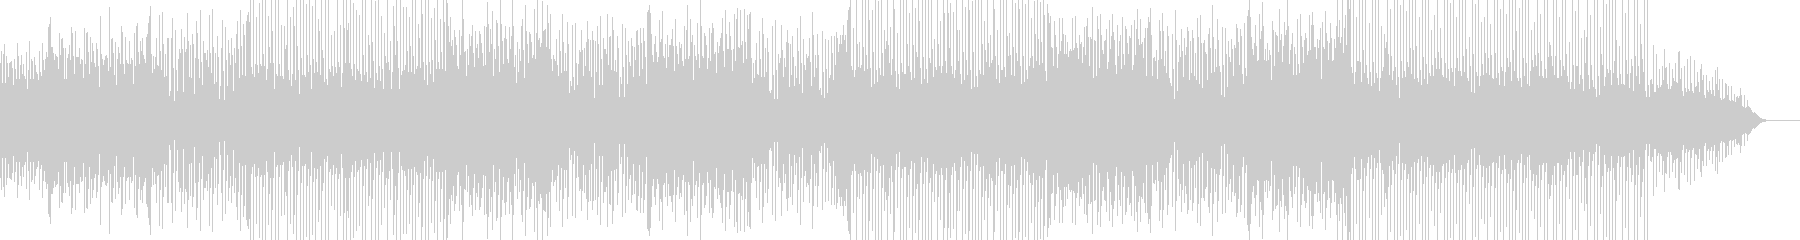 怪しげなリフが印象的で駆け抜けるような曲の未再生の波形